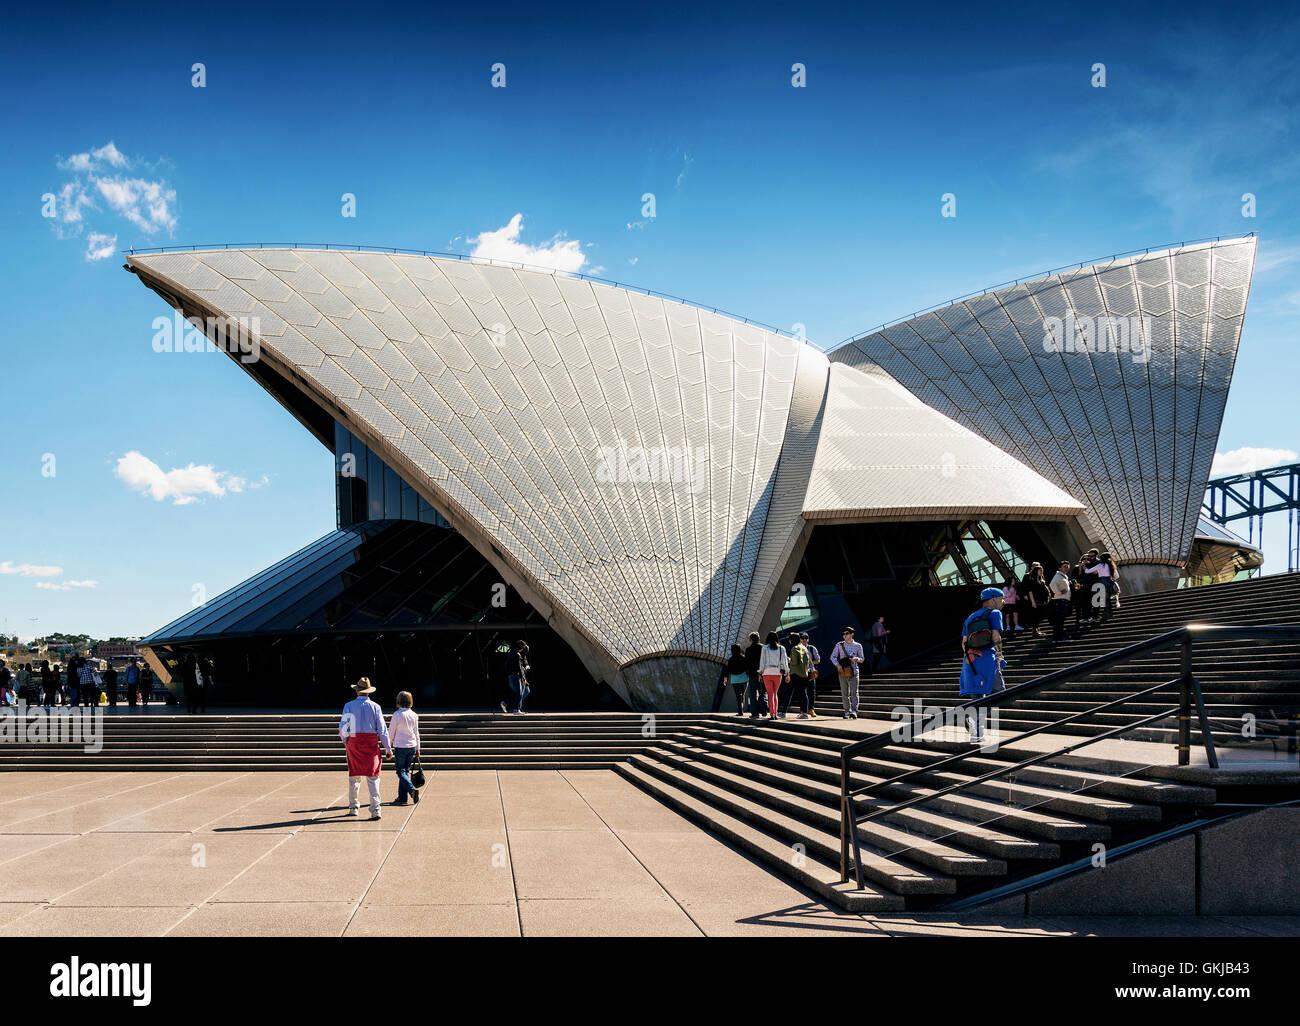 Les touristes visitant l'opéra de Sydney vue détaillée dans l'Australie aux beaux jours Banque D'Images